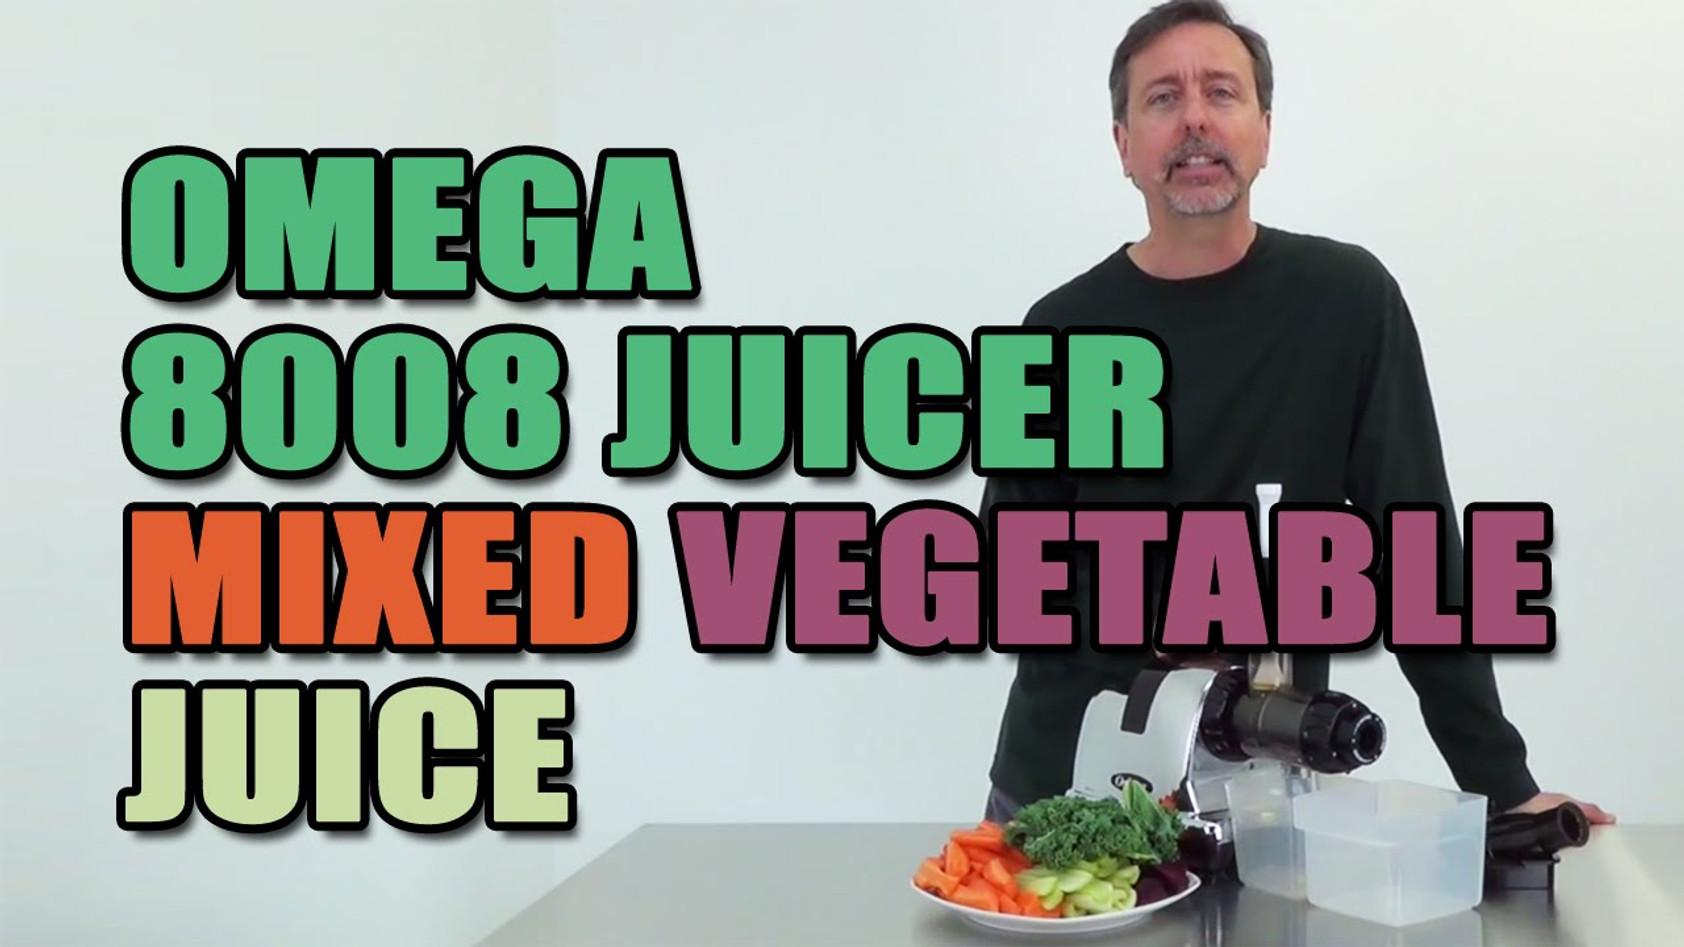 Omega Juicer J8228/J8008